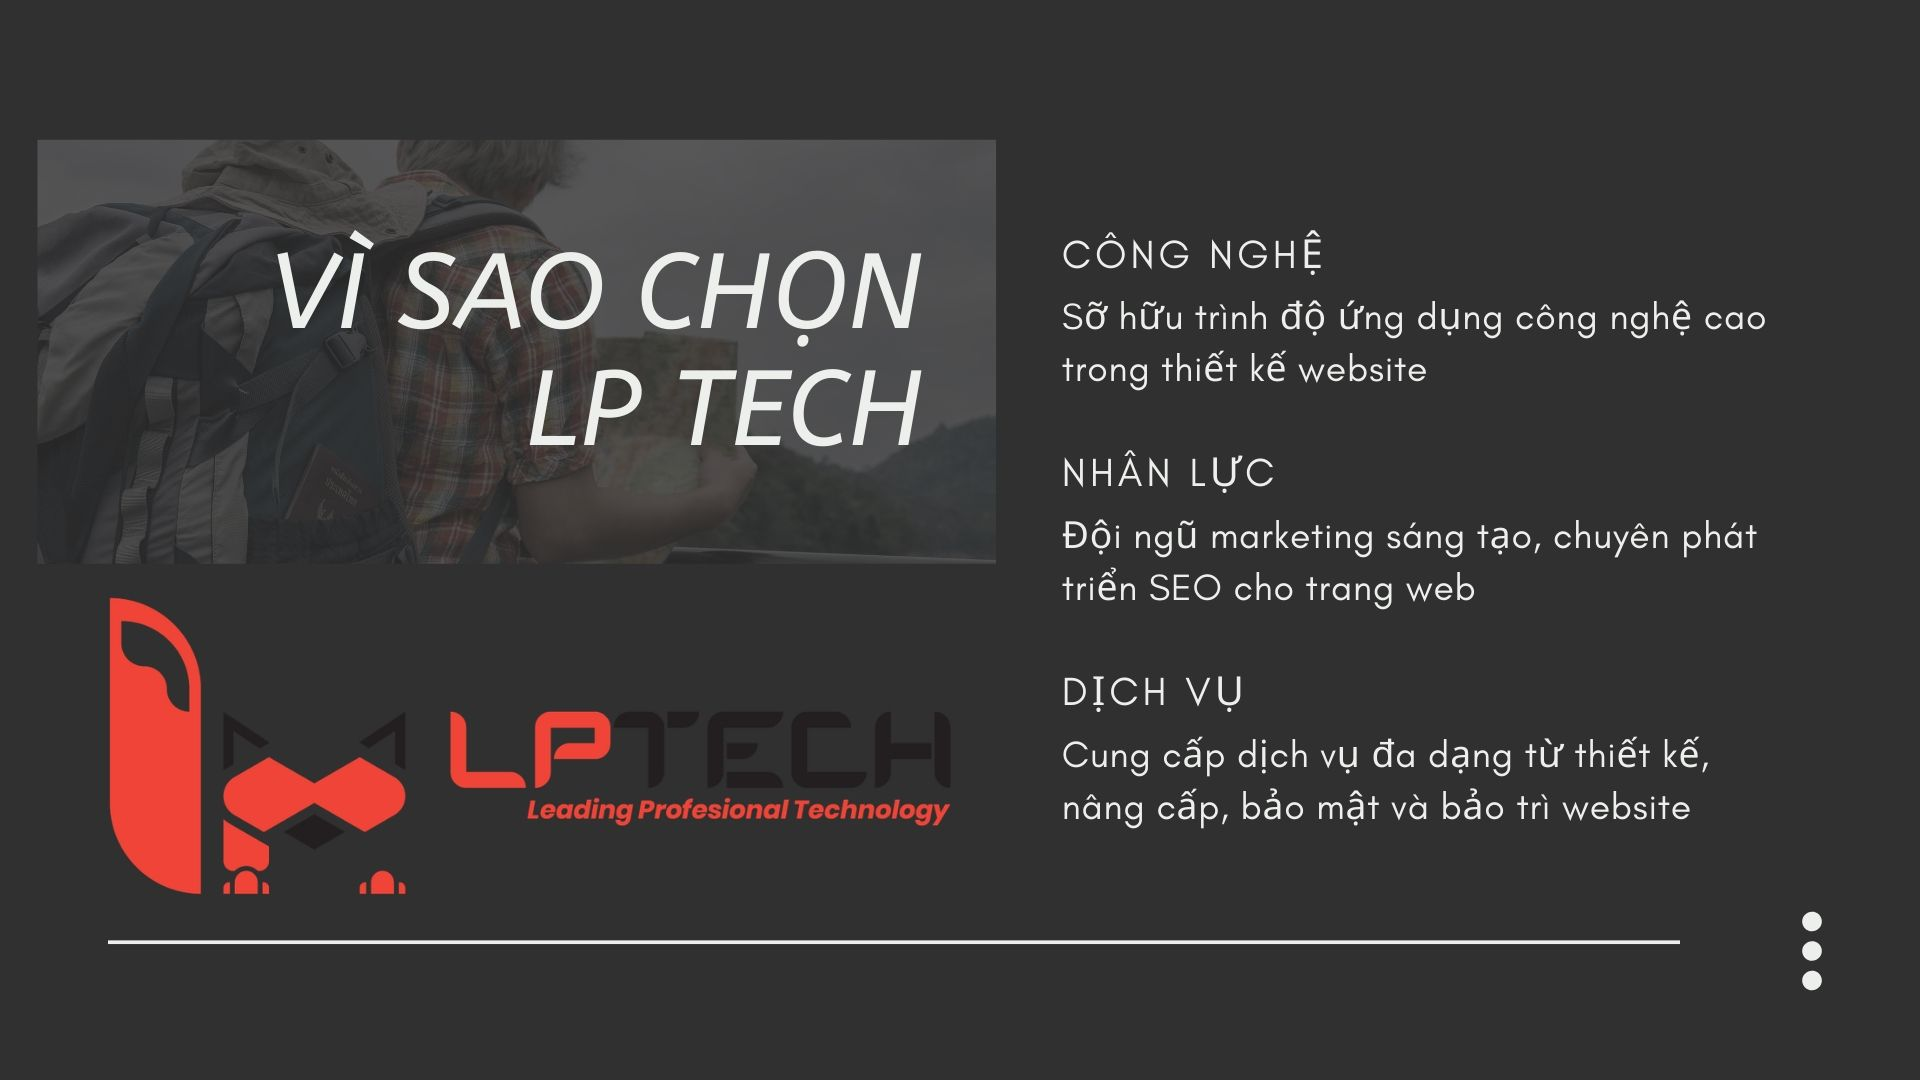 LP Tech là nhà cung cấp dịch vụ thiết kế website chuyên nghiệp từ a đến z cho doanh nghiệp Việt Nam